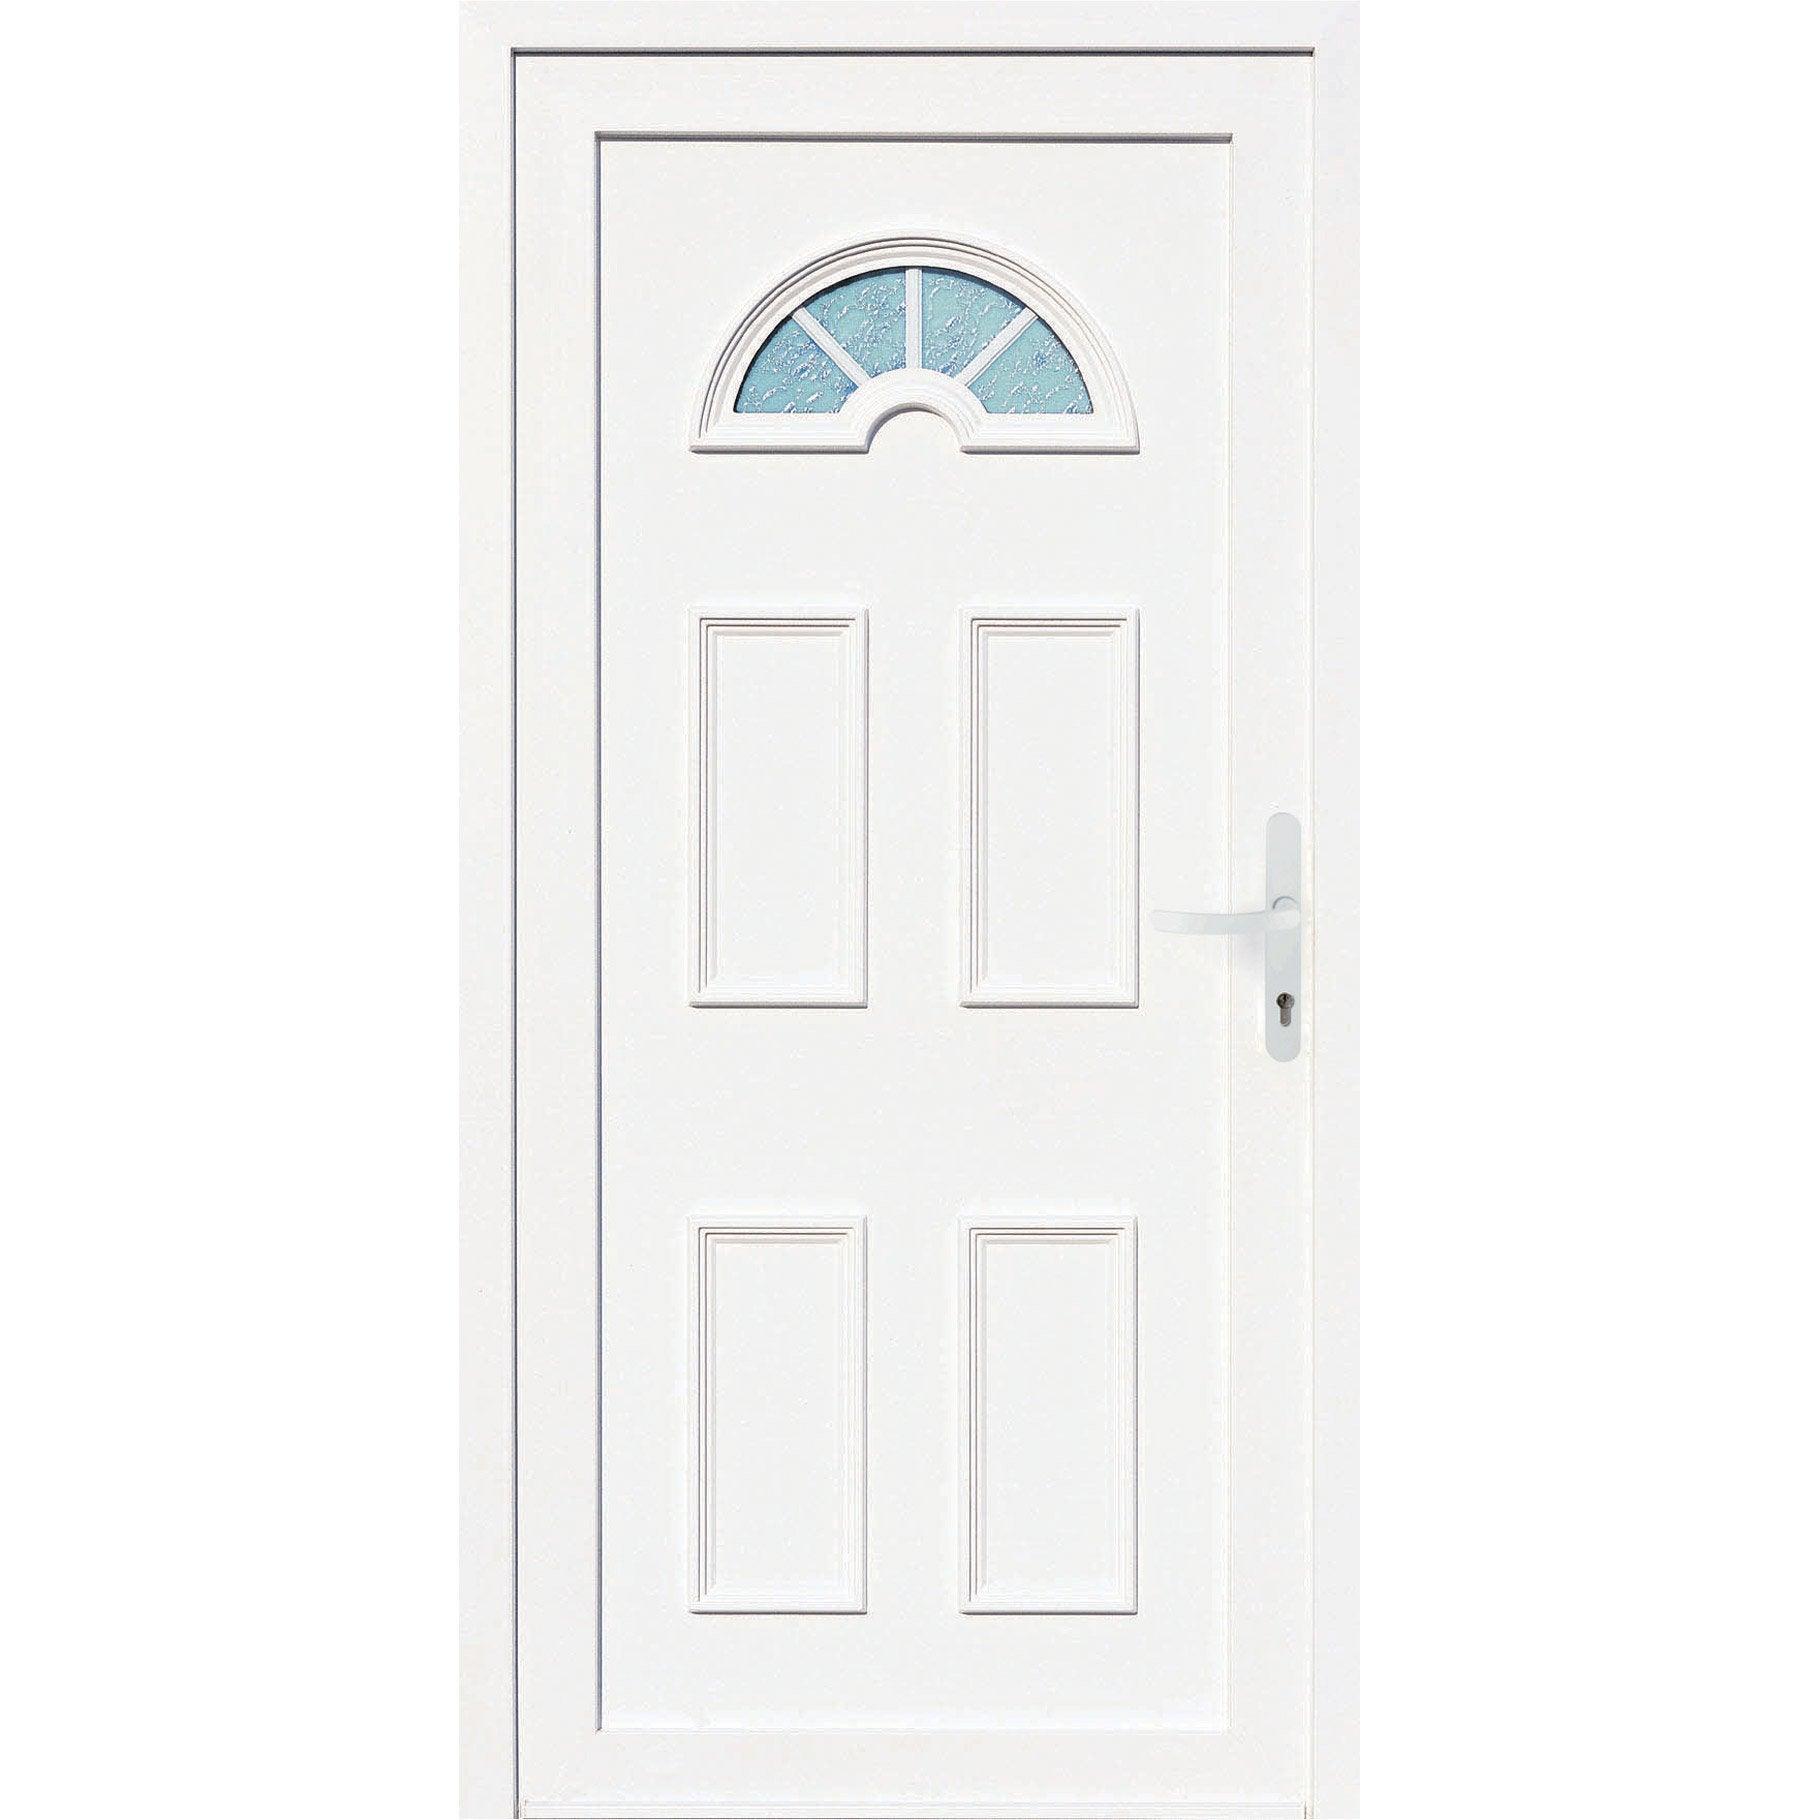 Genial Porte Du0027entrée PVC Elégance 2 Primo H.215 X L.80 Cm Vitrée Blanc, PG